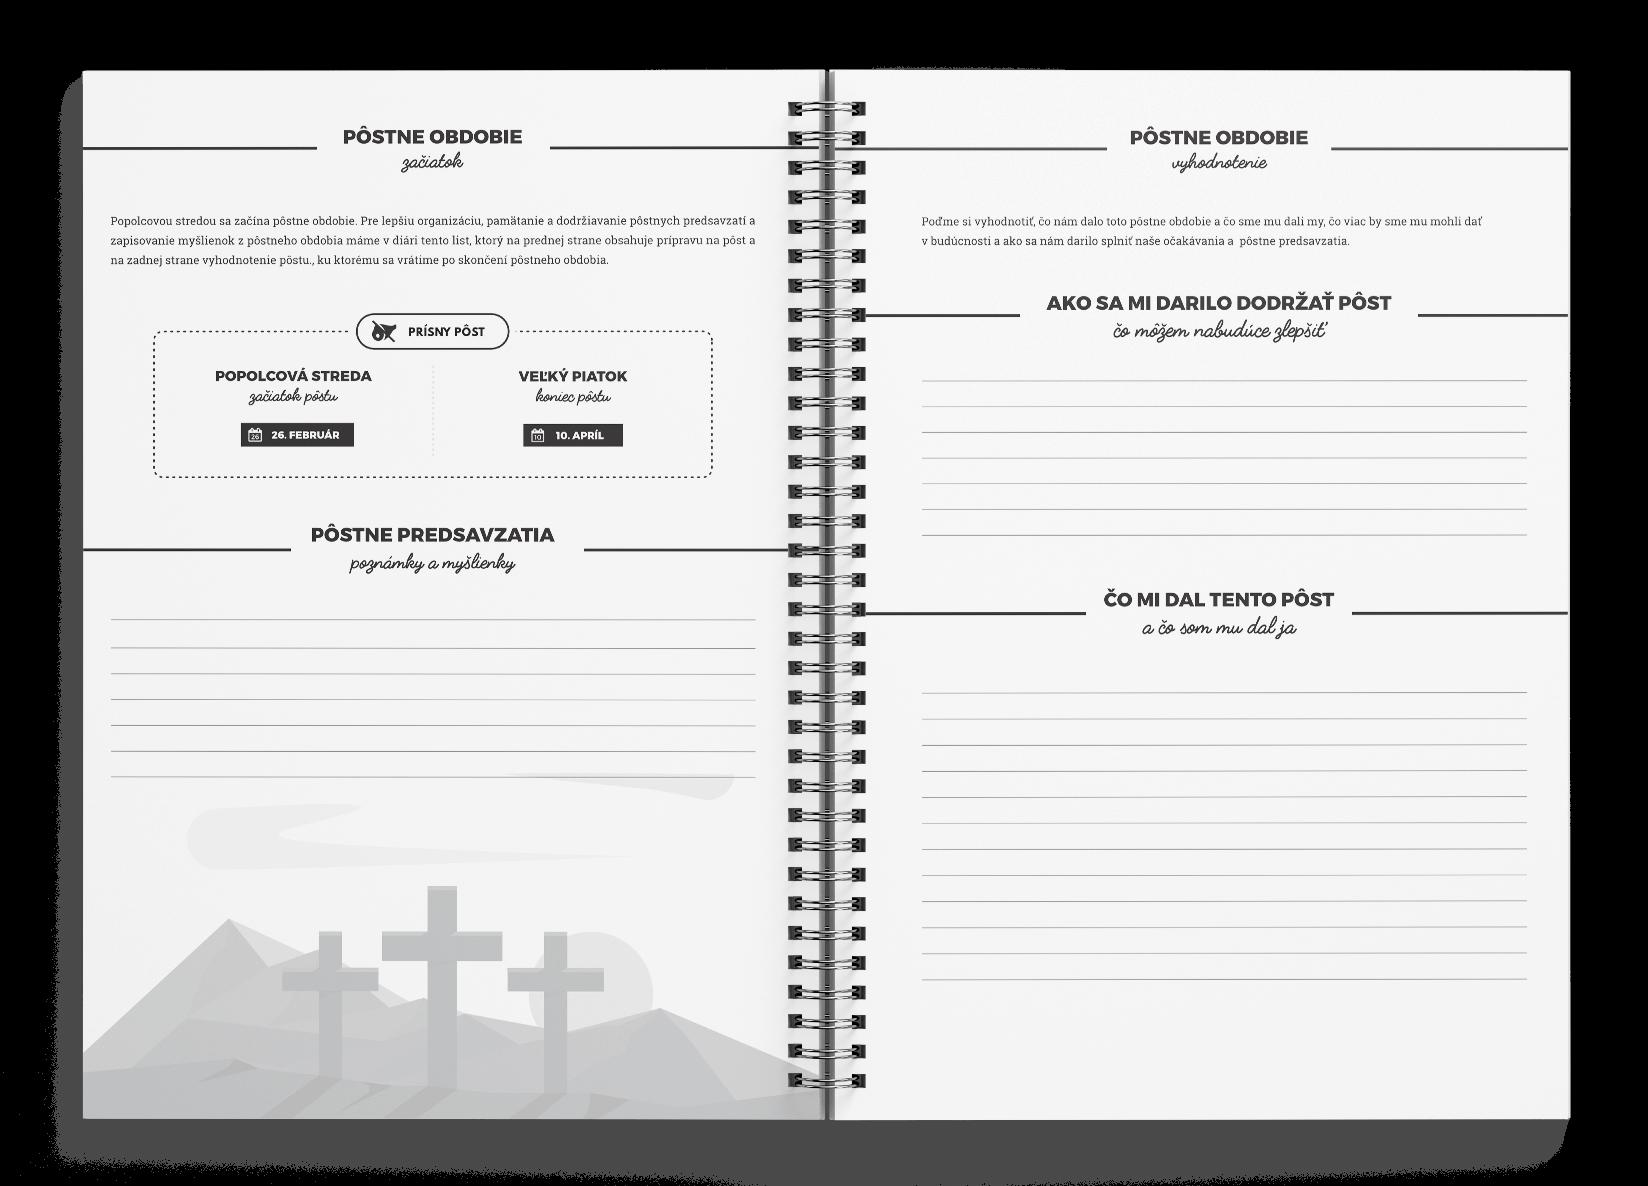 Kresťanský  motivačný diár - úvod do pôstneho obdobia. Pôstne predsavzatia.